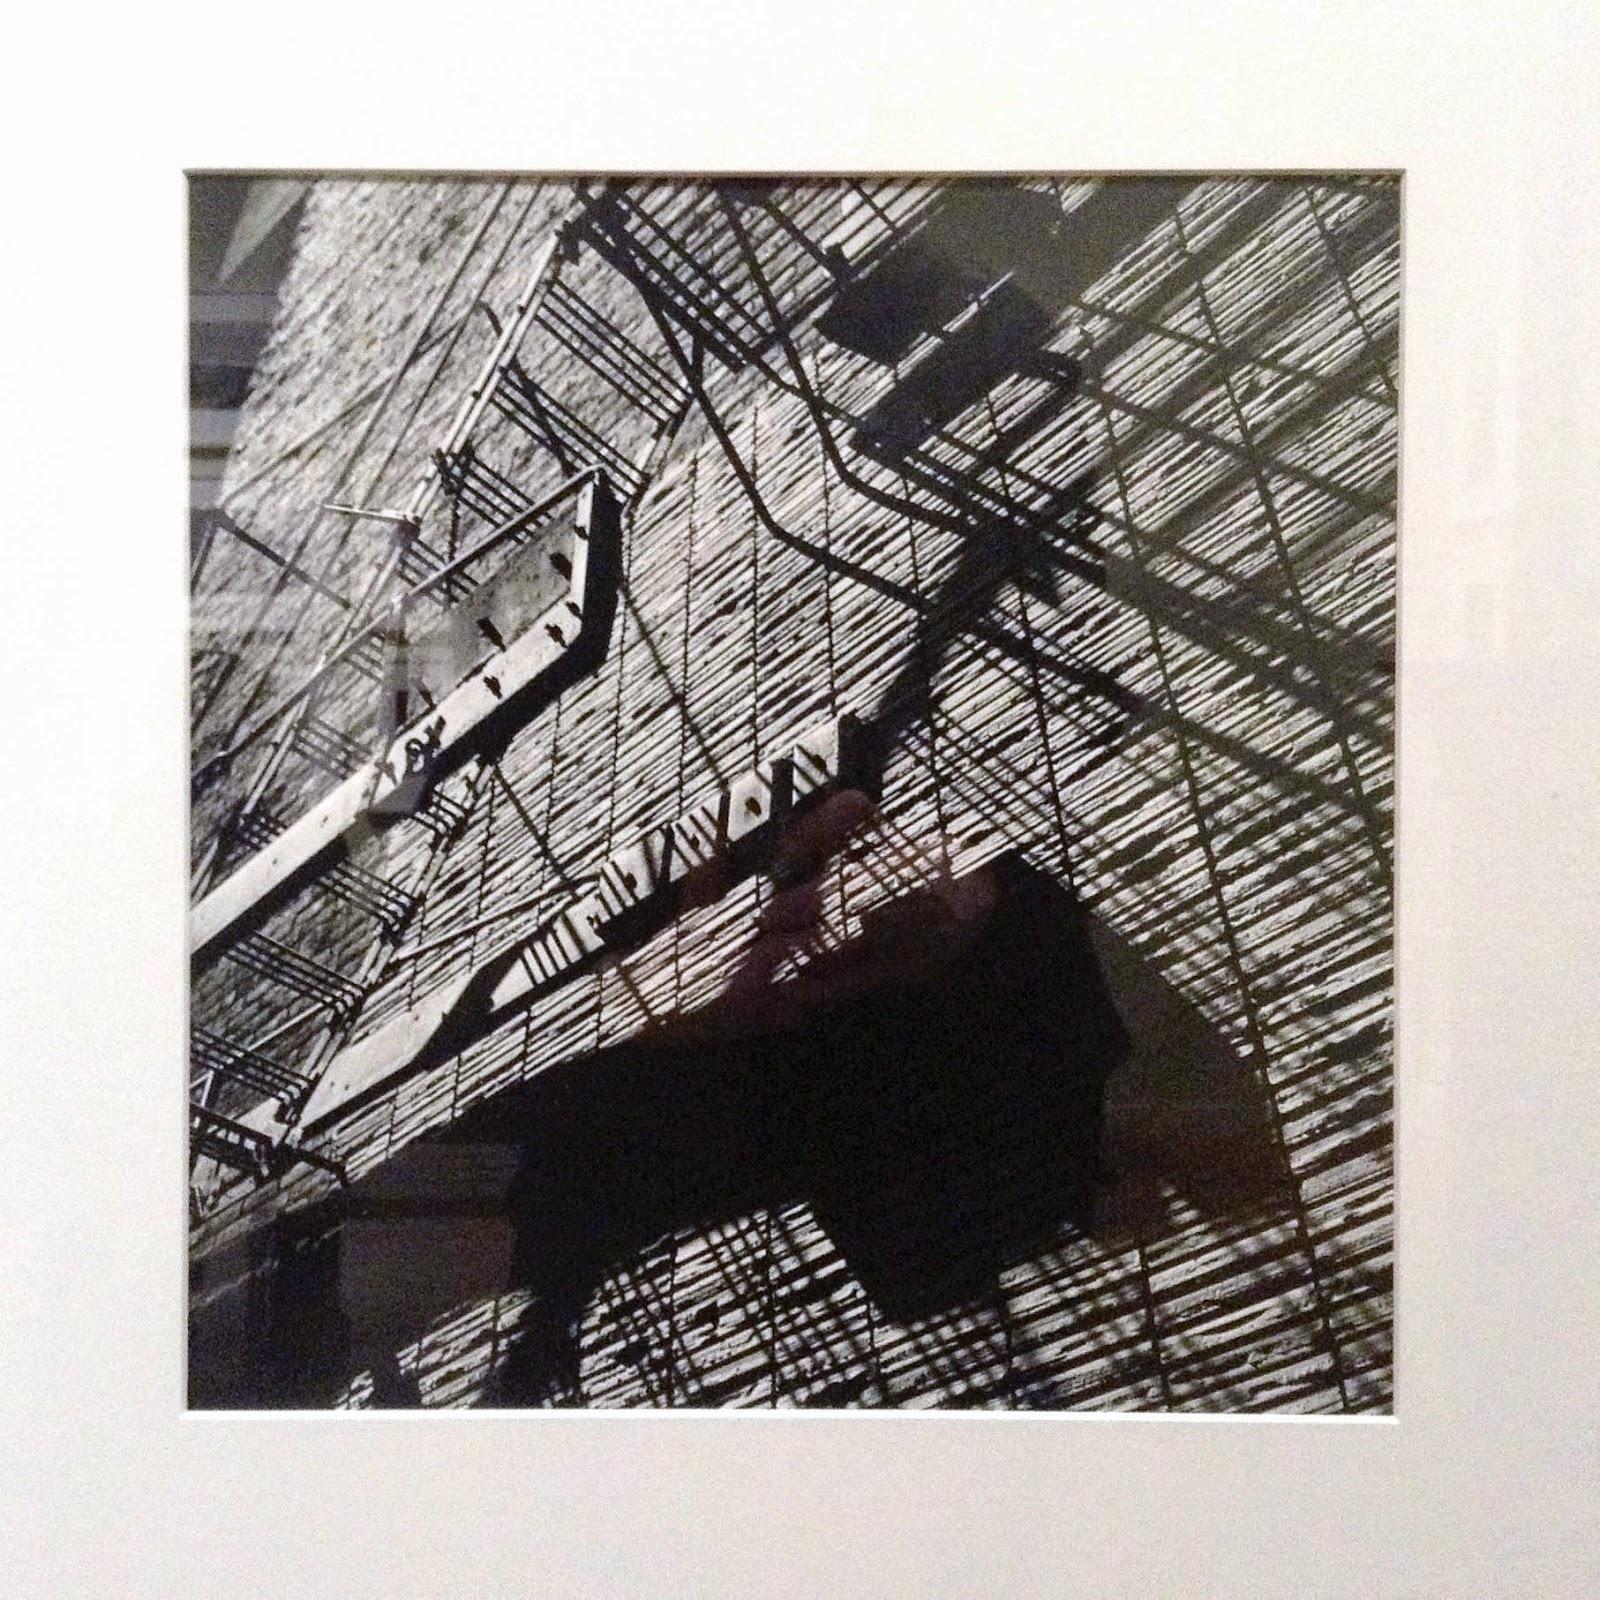 Vivian Maier: untitled, Chicago, IL, April 20, 1956